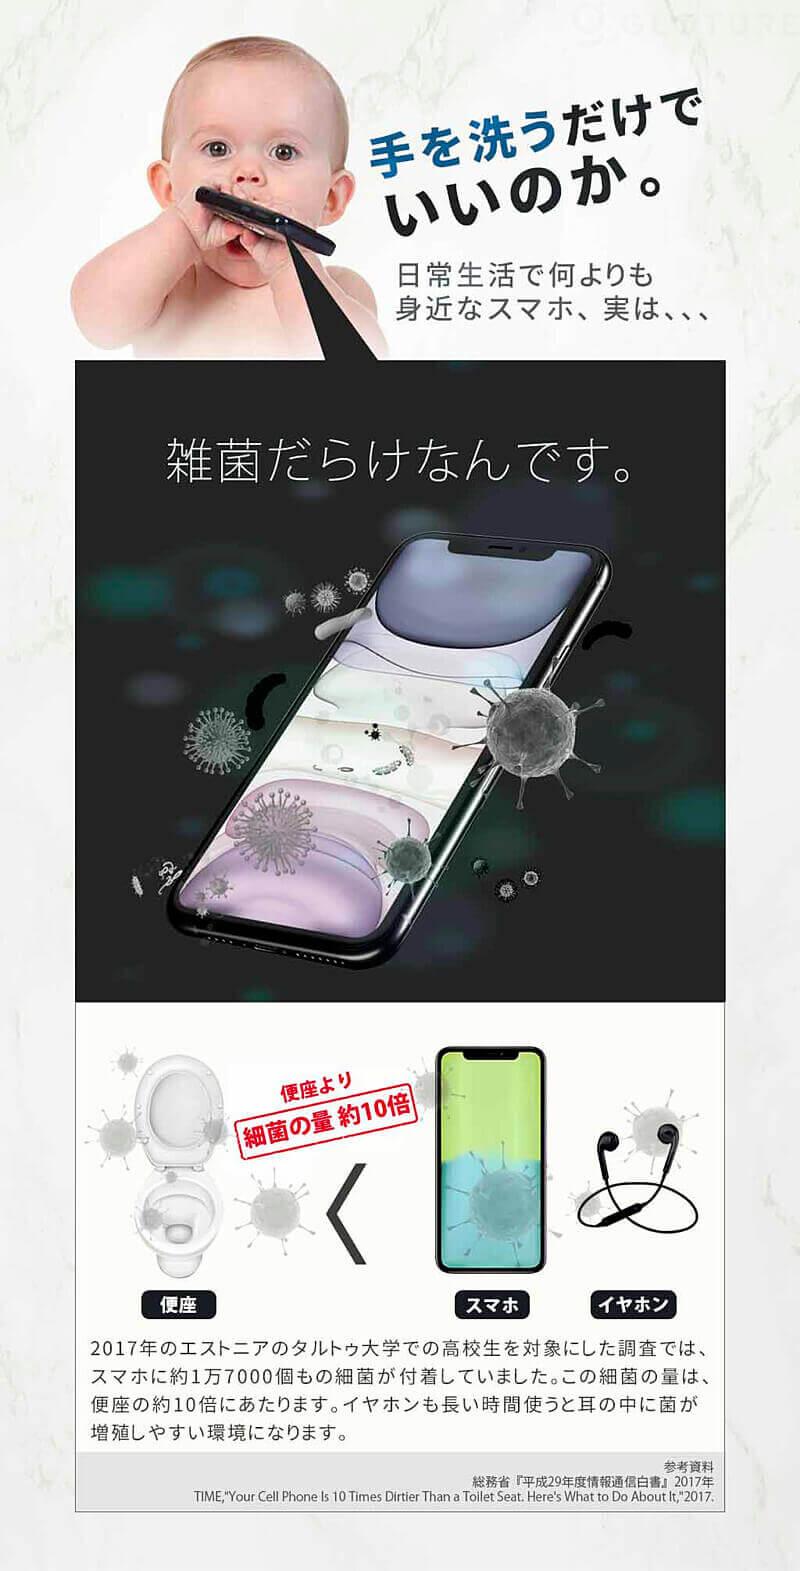 スマートフォン、実は雑菌だらけなんです